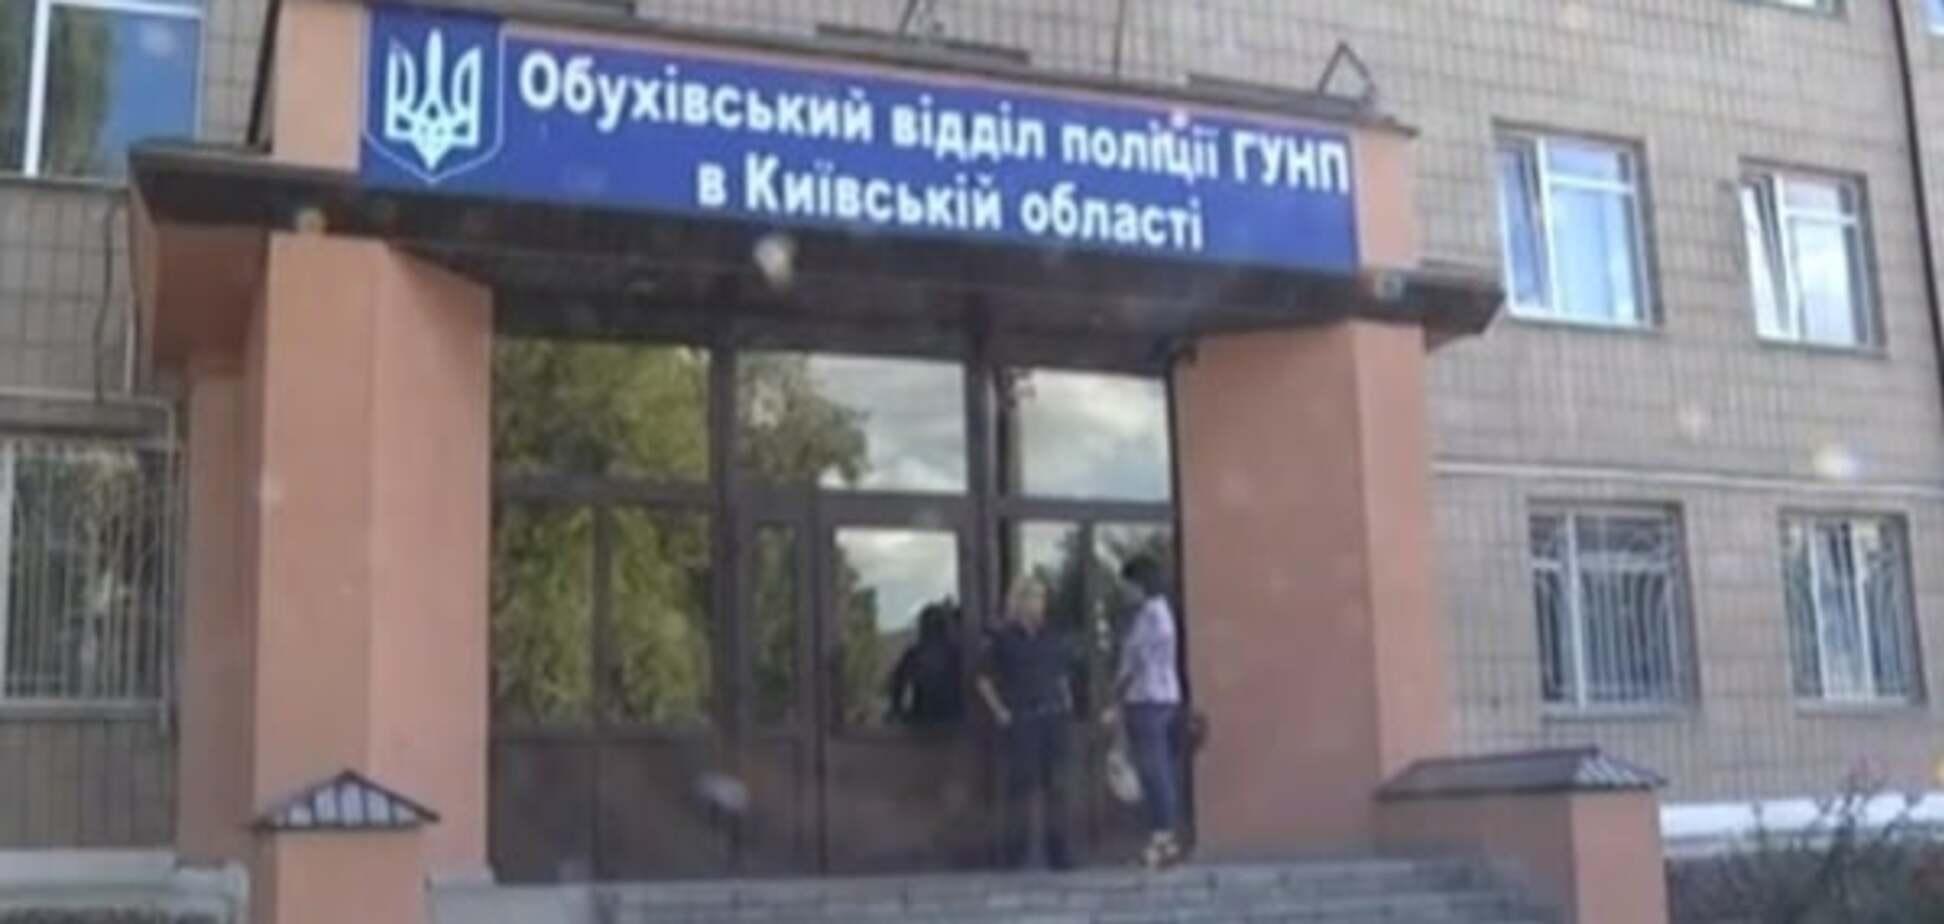 Поліція розкрила таємниче вбивство жінки на Київщині